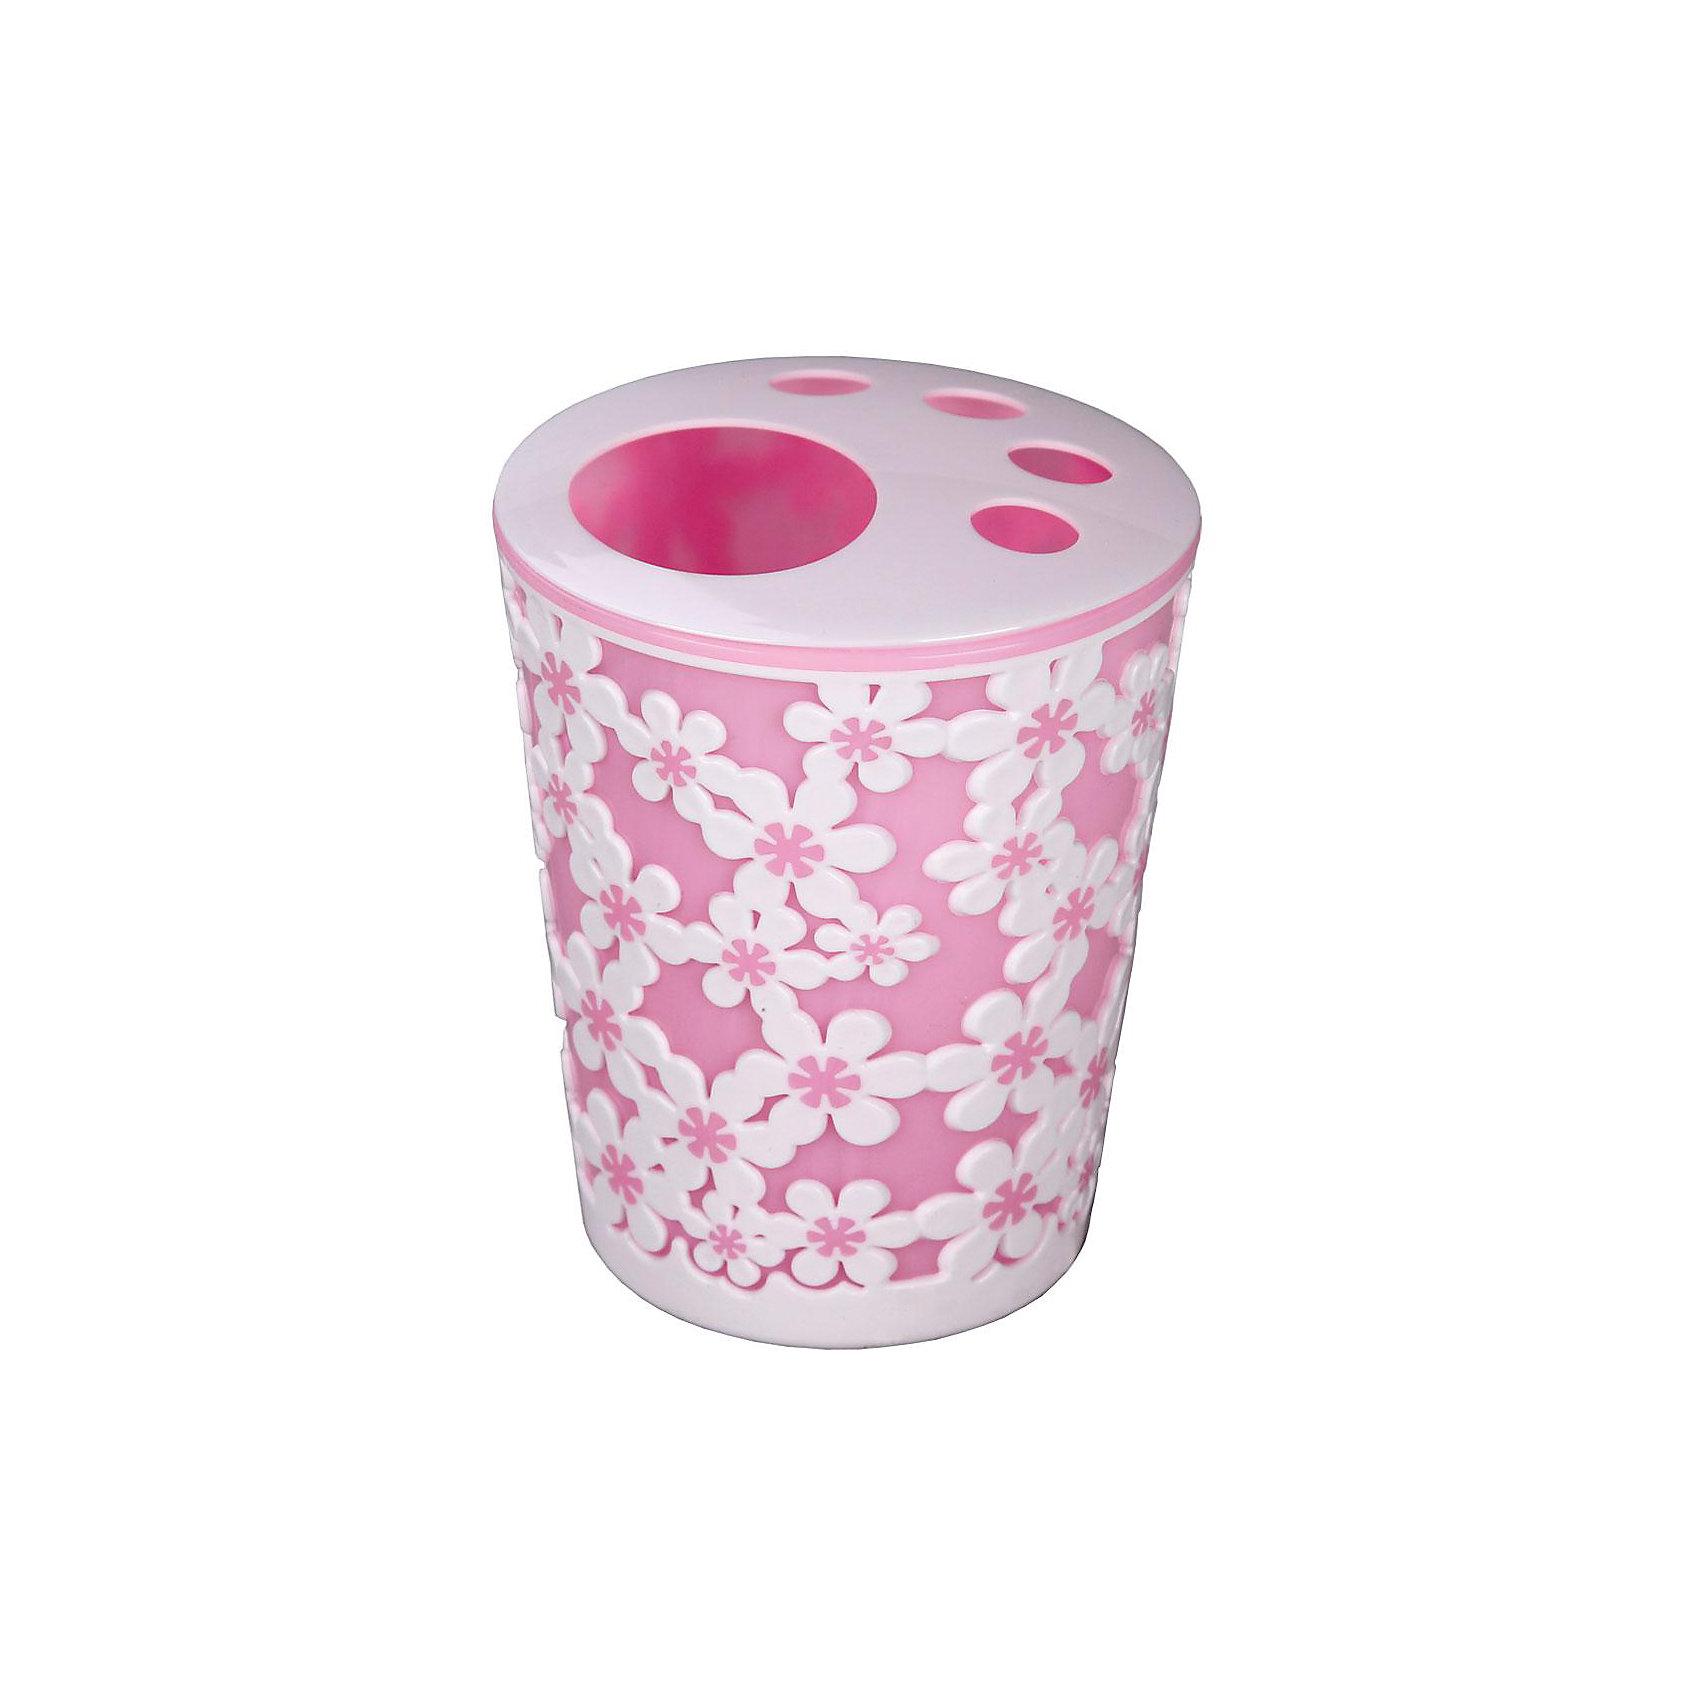 Подставка Дольче Вита для зубных щеток, Alternativa, розовый-белыйВанная комната<br>Характеристики:<br><br>• Предназначение: для хранения зубных щеток и зубной пасты<br>• Материал: пластик<br>• Цвет: розовый, белый<br>• Размер (Д*Ш*В): 10*10*13,5 см<br>• Объем: 0,7 л<br>• Форма: круглая<br>• Особенности ухода: разрешается мыть теплой водой<br><br>Подставка Дольче Вита для зубных щеток, Alternativa, розовый-белый изготовлена отечественным производителем ООО ЗПИ Альтернатива, который специализируется на выпуске широкого спектра изделий из пластика. Изделие выполнено из безопасного и прочного пластика, устойчивого к механическим повреждениям. Подставка имеет форму стаканчика, в ней предусмотрено 4 отверстия для зубных щеток и 1 для хранения зубной пасты. Стаканчик выполнен в розовом цвете, оформлен декором из белых крупных цветов. Подставка Дольче Вита для зубных щеток, Alternativa, розовый-белый обеспечит порядок и сохранность зубных щеток в вашей ванной комнате.<br><br>Подставку Дольче Вита для зубных щеток, Alternativa, розовую-белую можно купить в нашем интернет-магазине.<br><br>Ширина мм: 105<br>Глубина мм: 105<br>Высота мм: 125<br>Вес г: 87<br>Возраст от месяцев: -2147483648<br>Возраст до месяцев: 2147483647<br>Пол: Женский<br>Возраст: Детский<br>SKU: 5096657